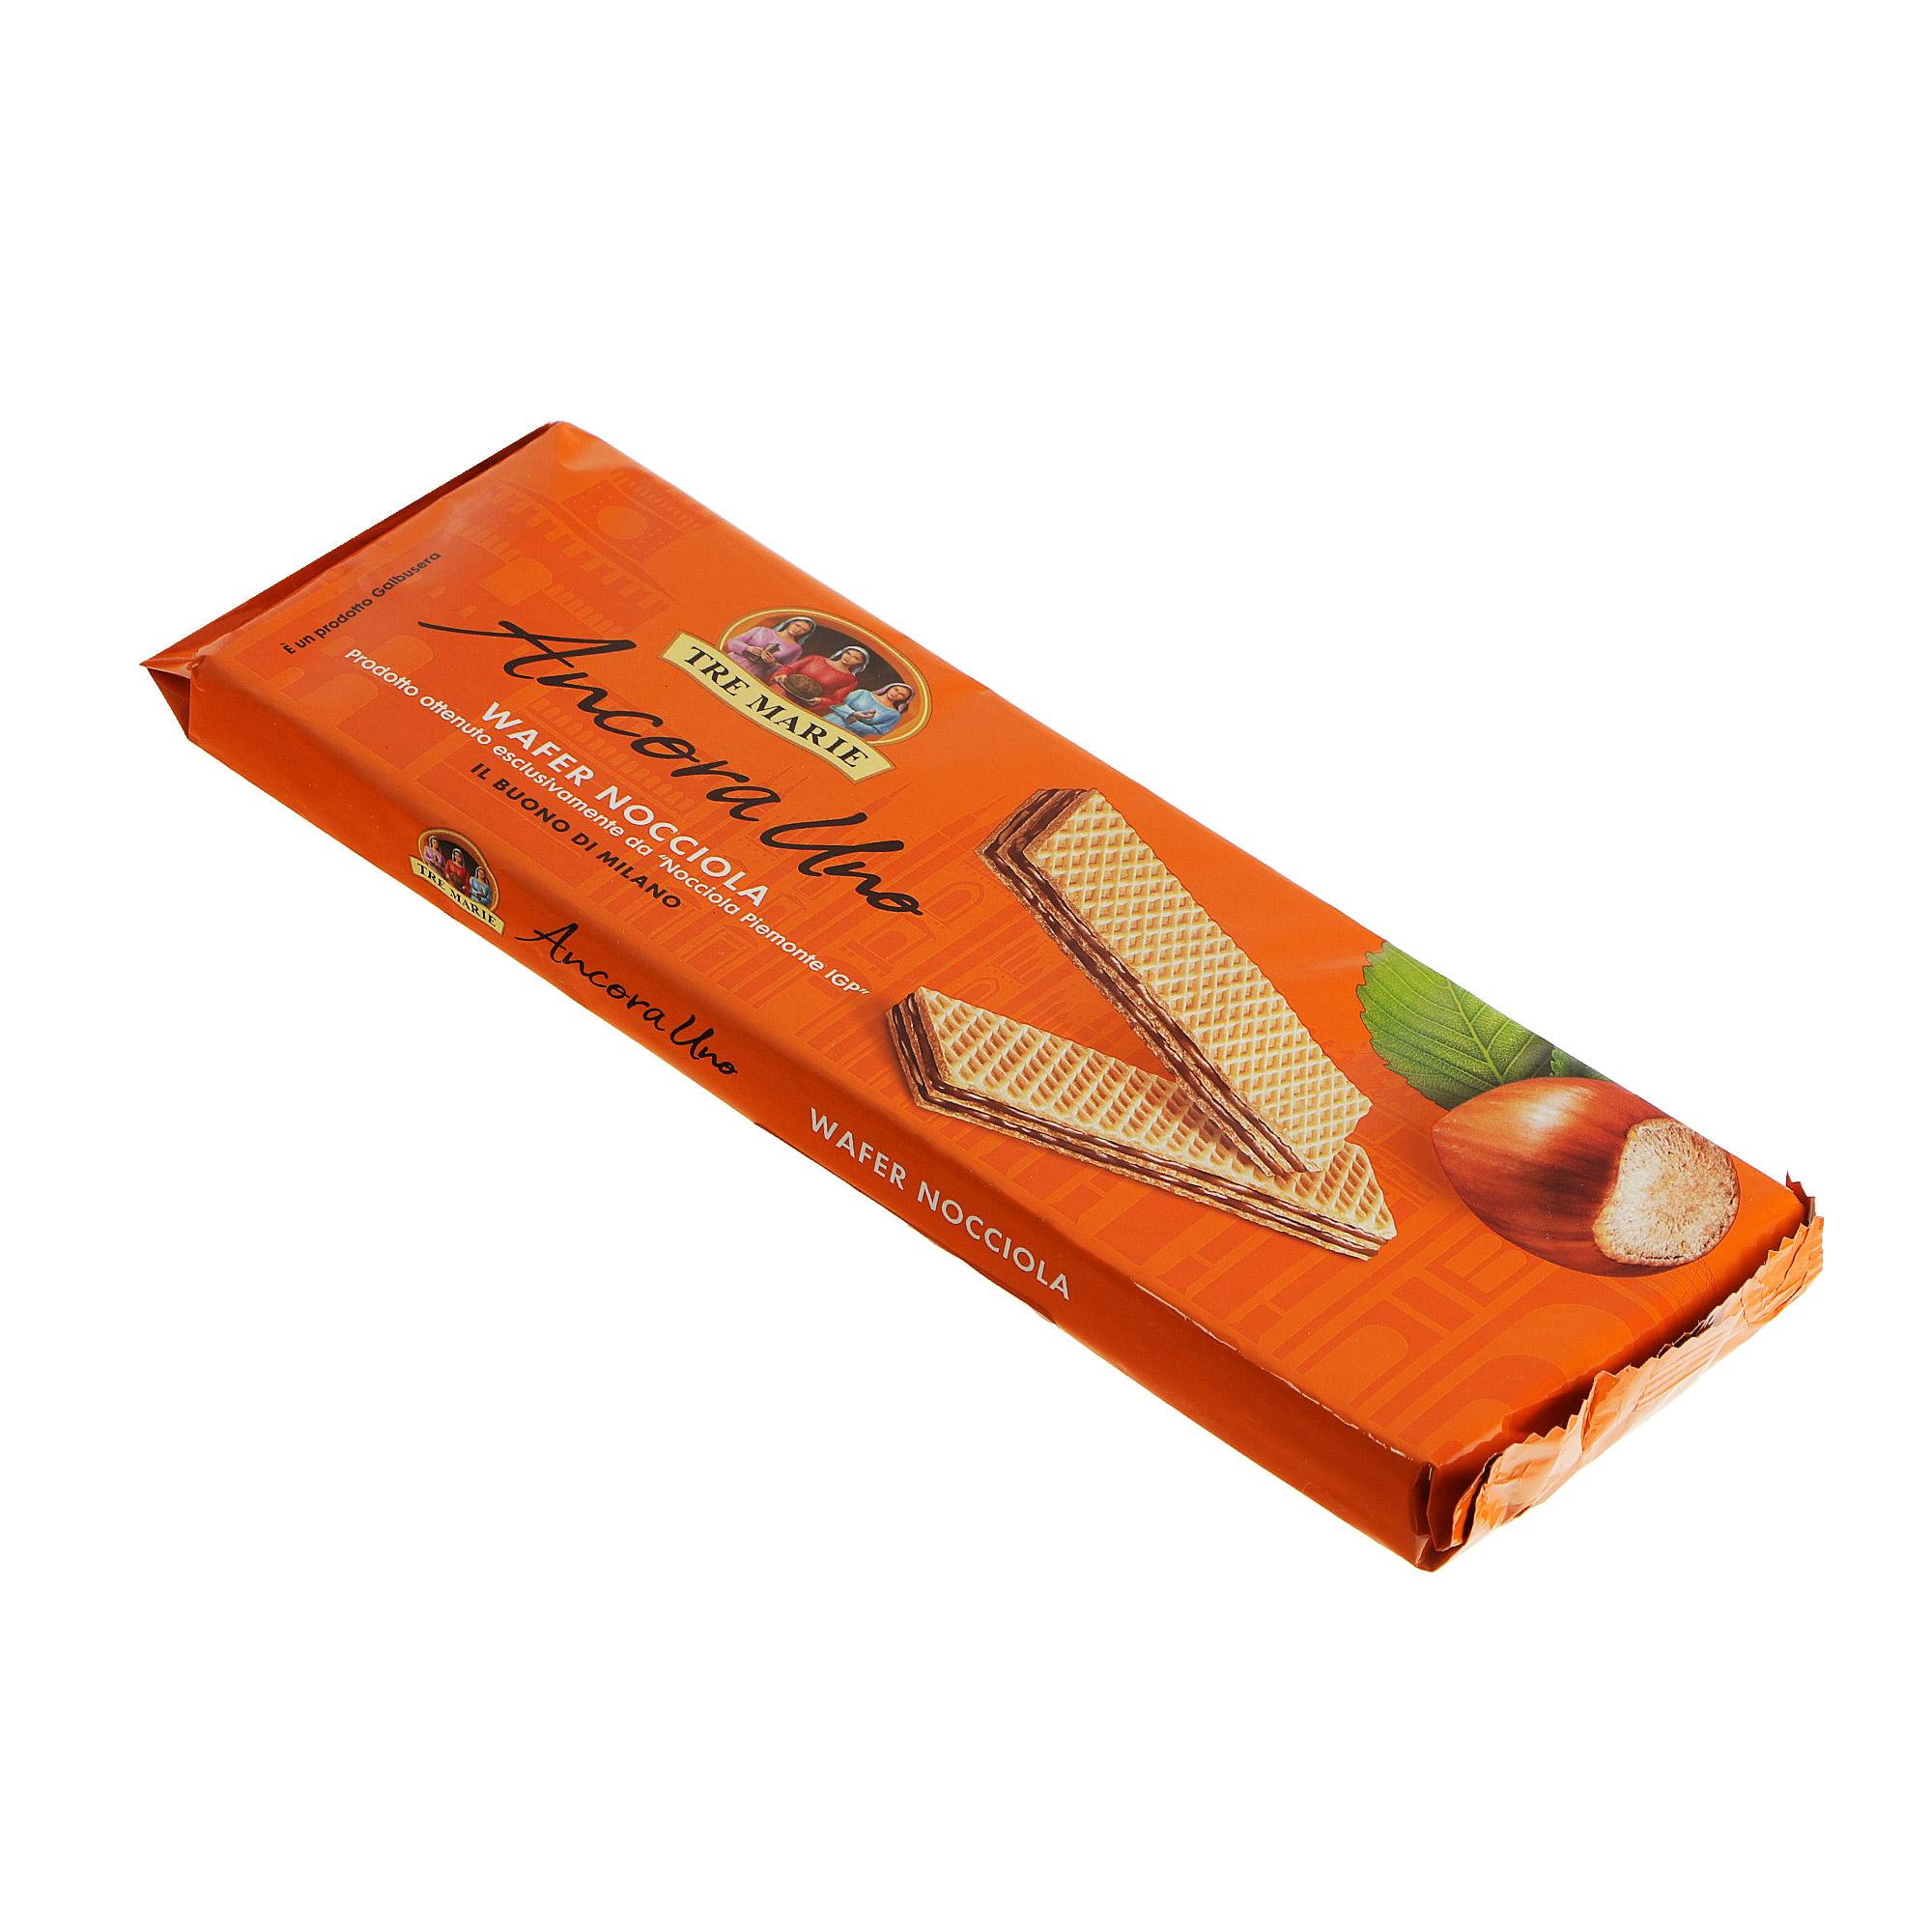 Фото - Вафли Galbusera Tre Marie ореховый крем 175 г пуховик tre api размер 175 красный